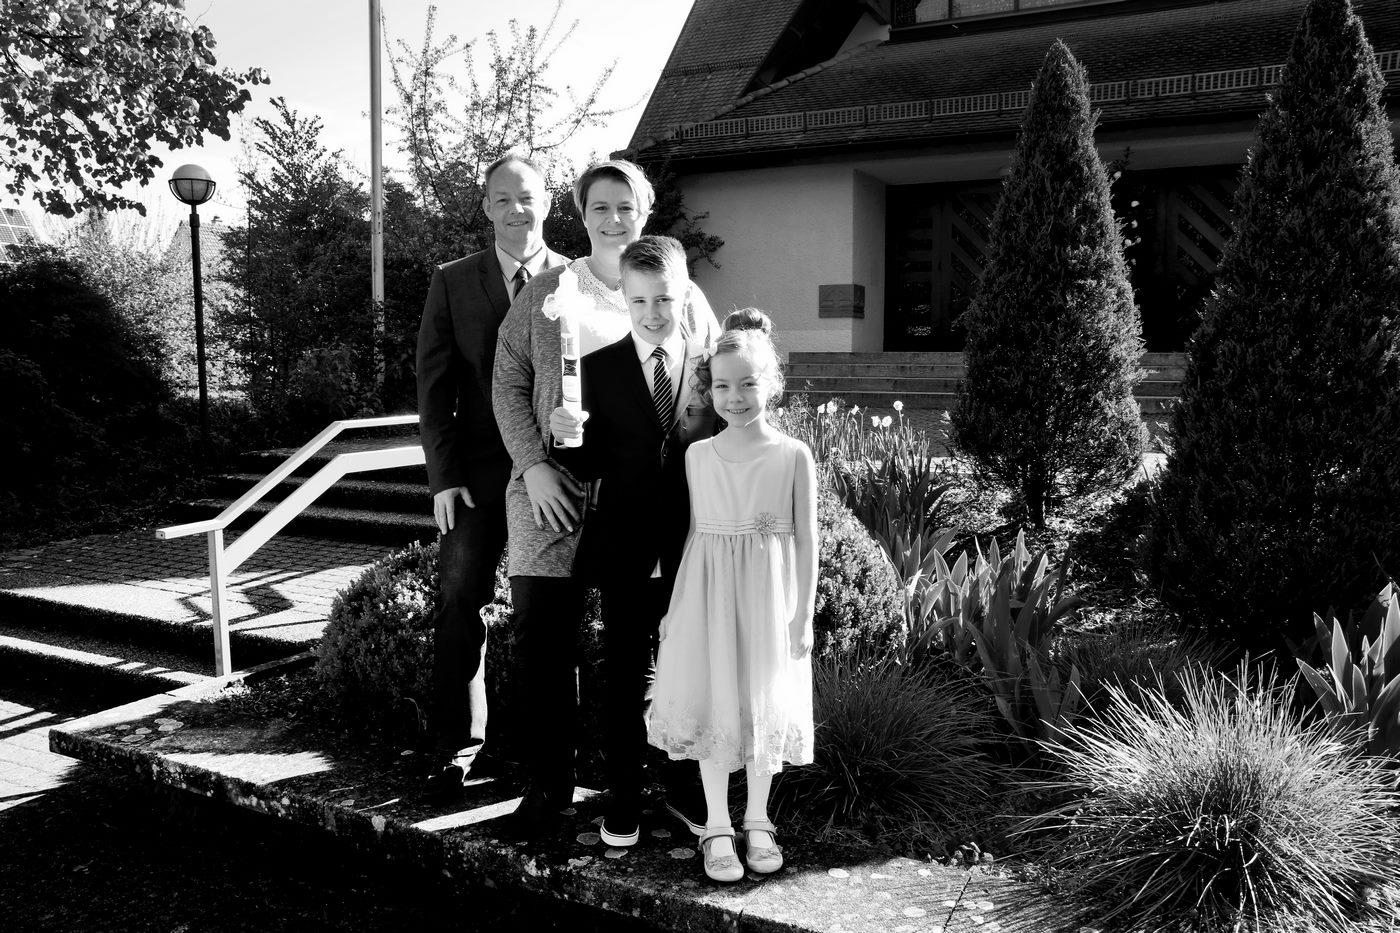 Familie zur Kommunion fotografiert